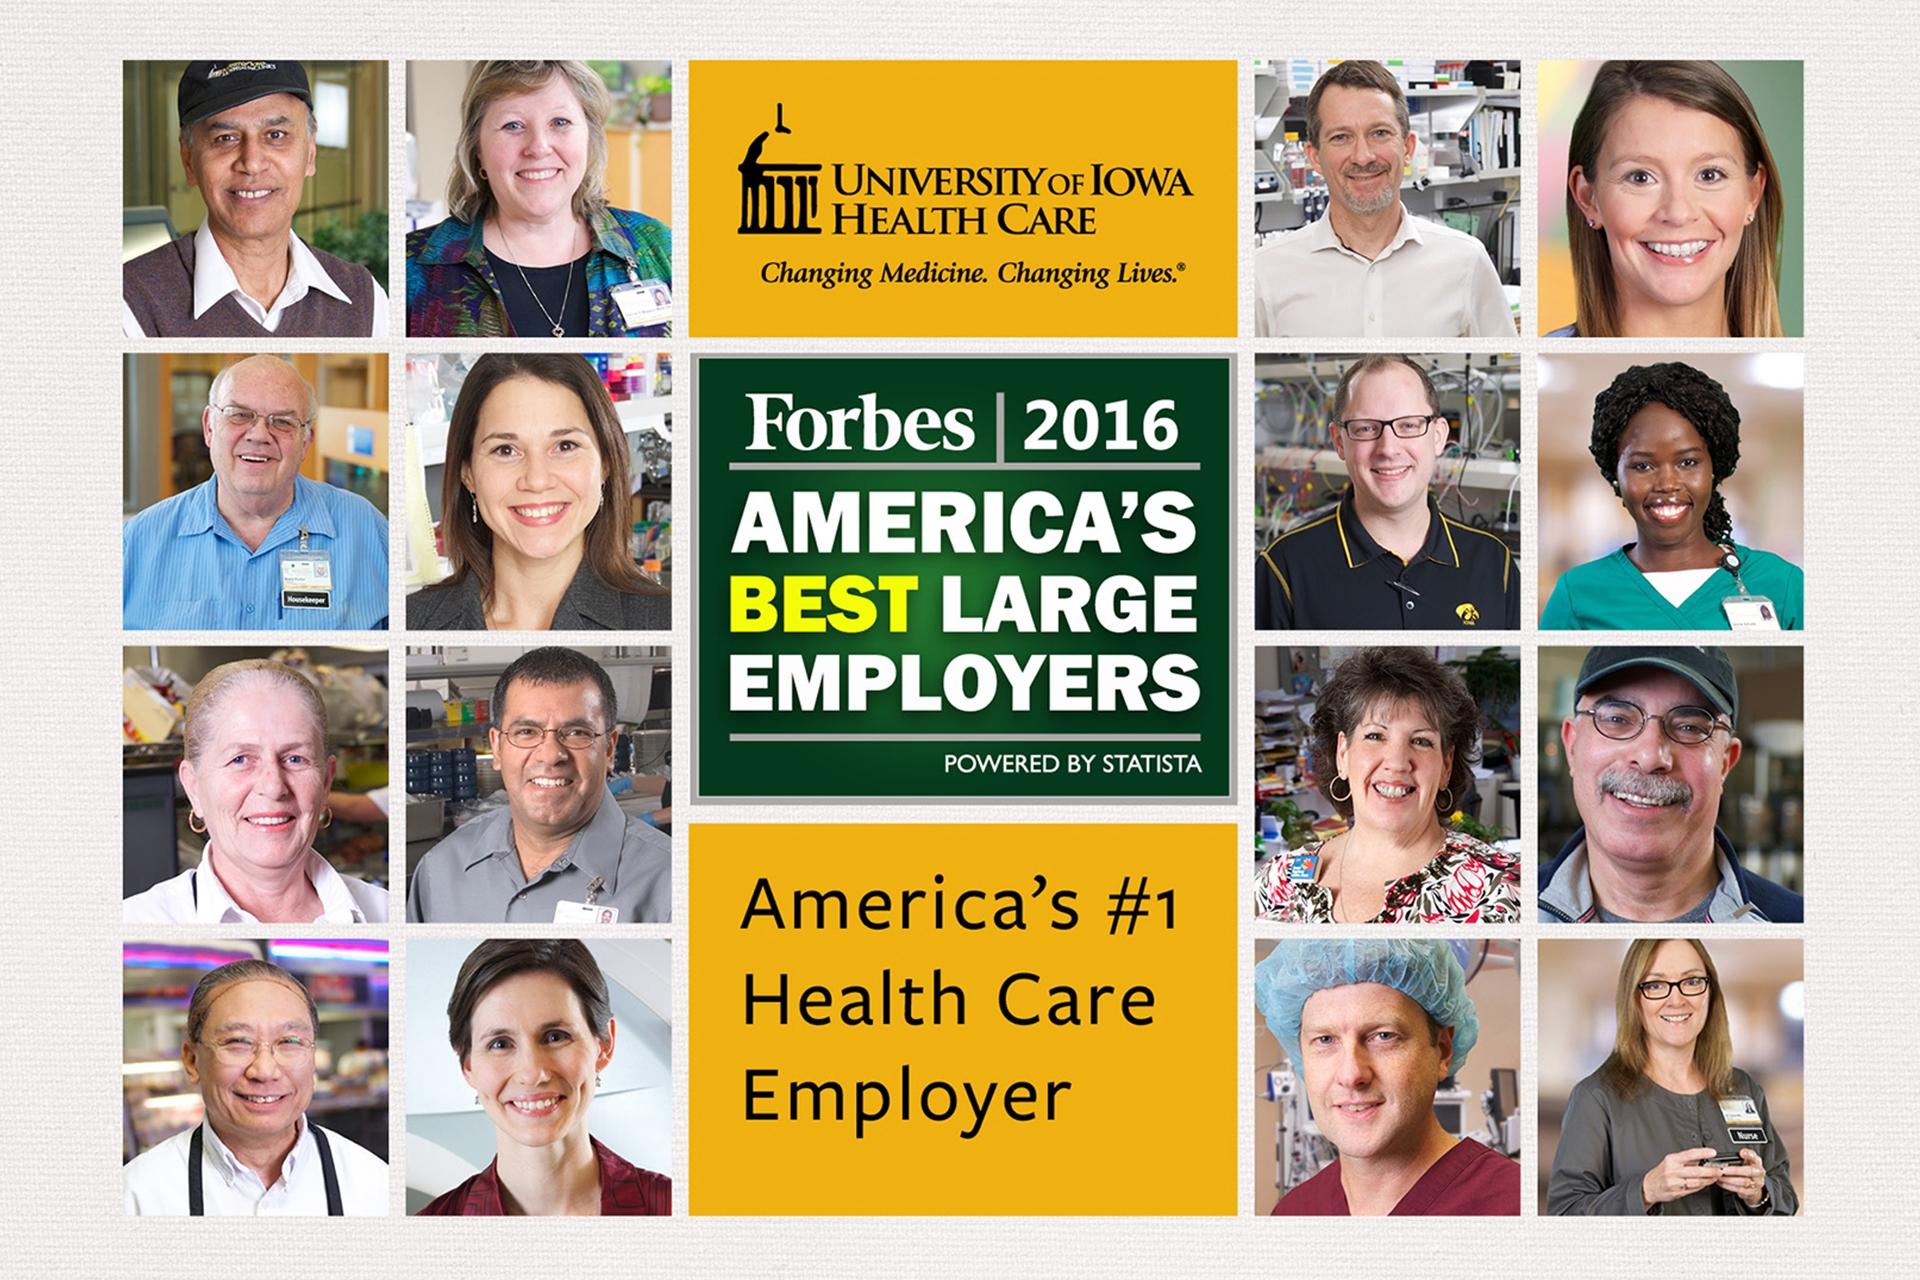 America's #1 Health Care Employer 2016